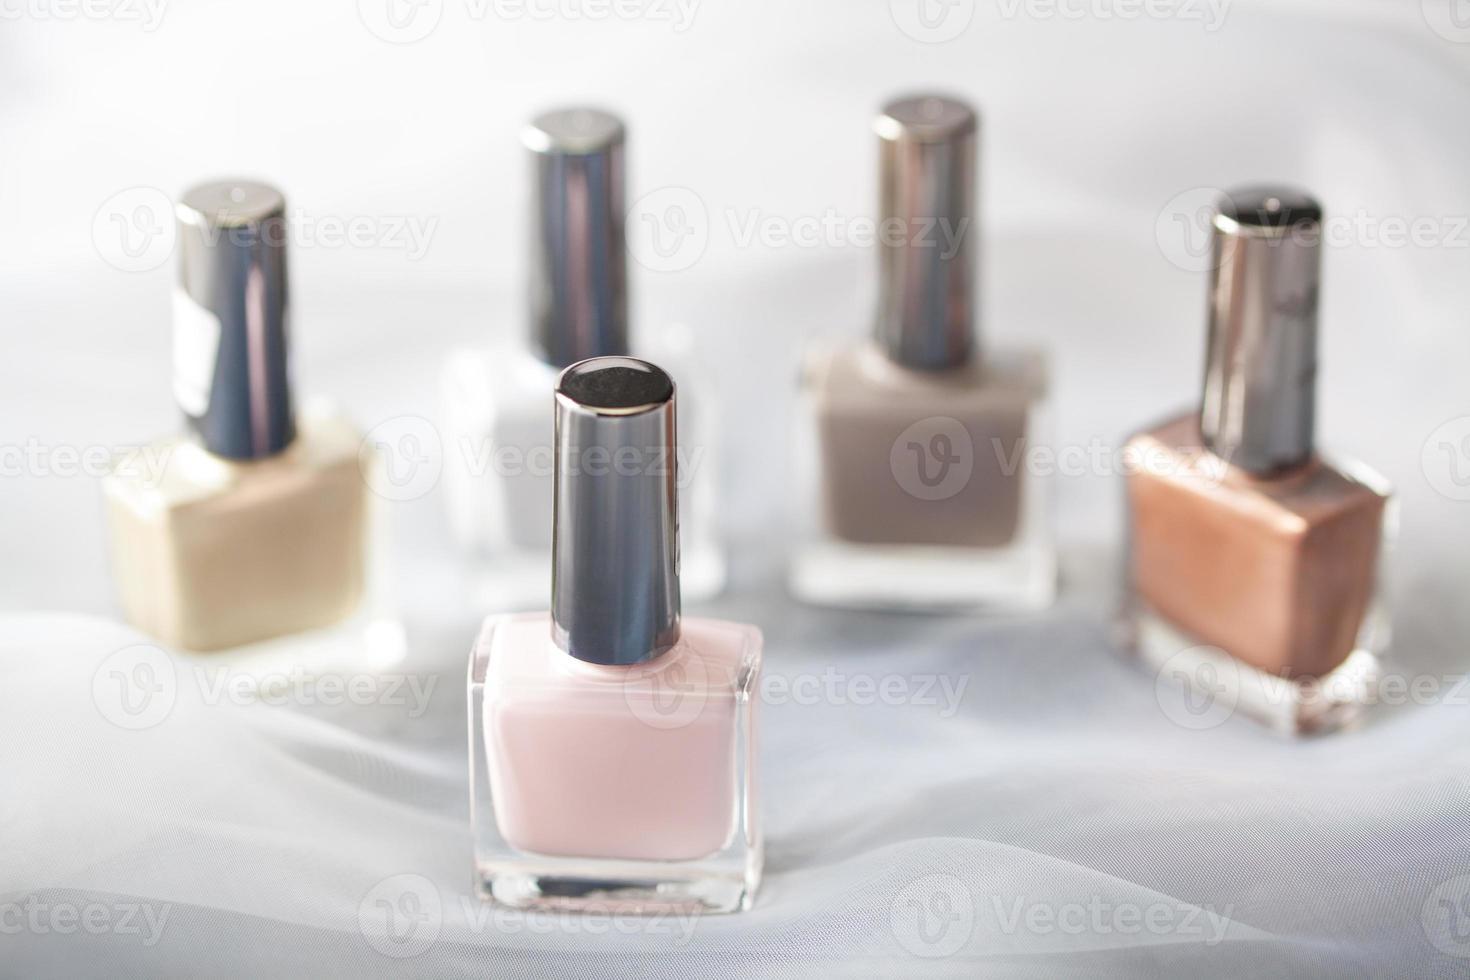 bottiglie di smalto per unghie foto